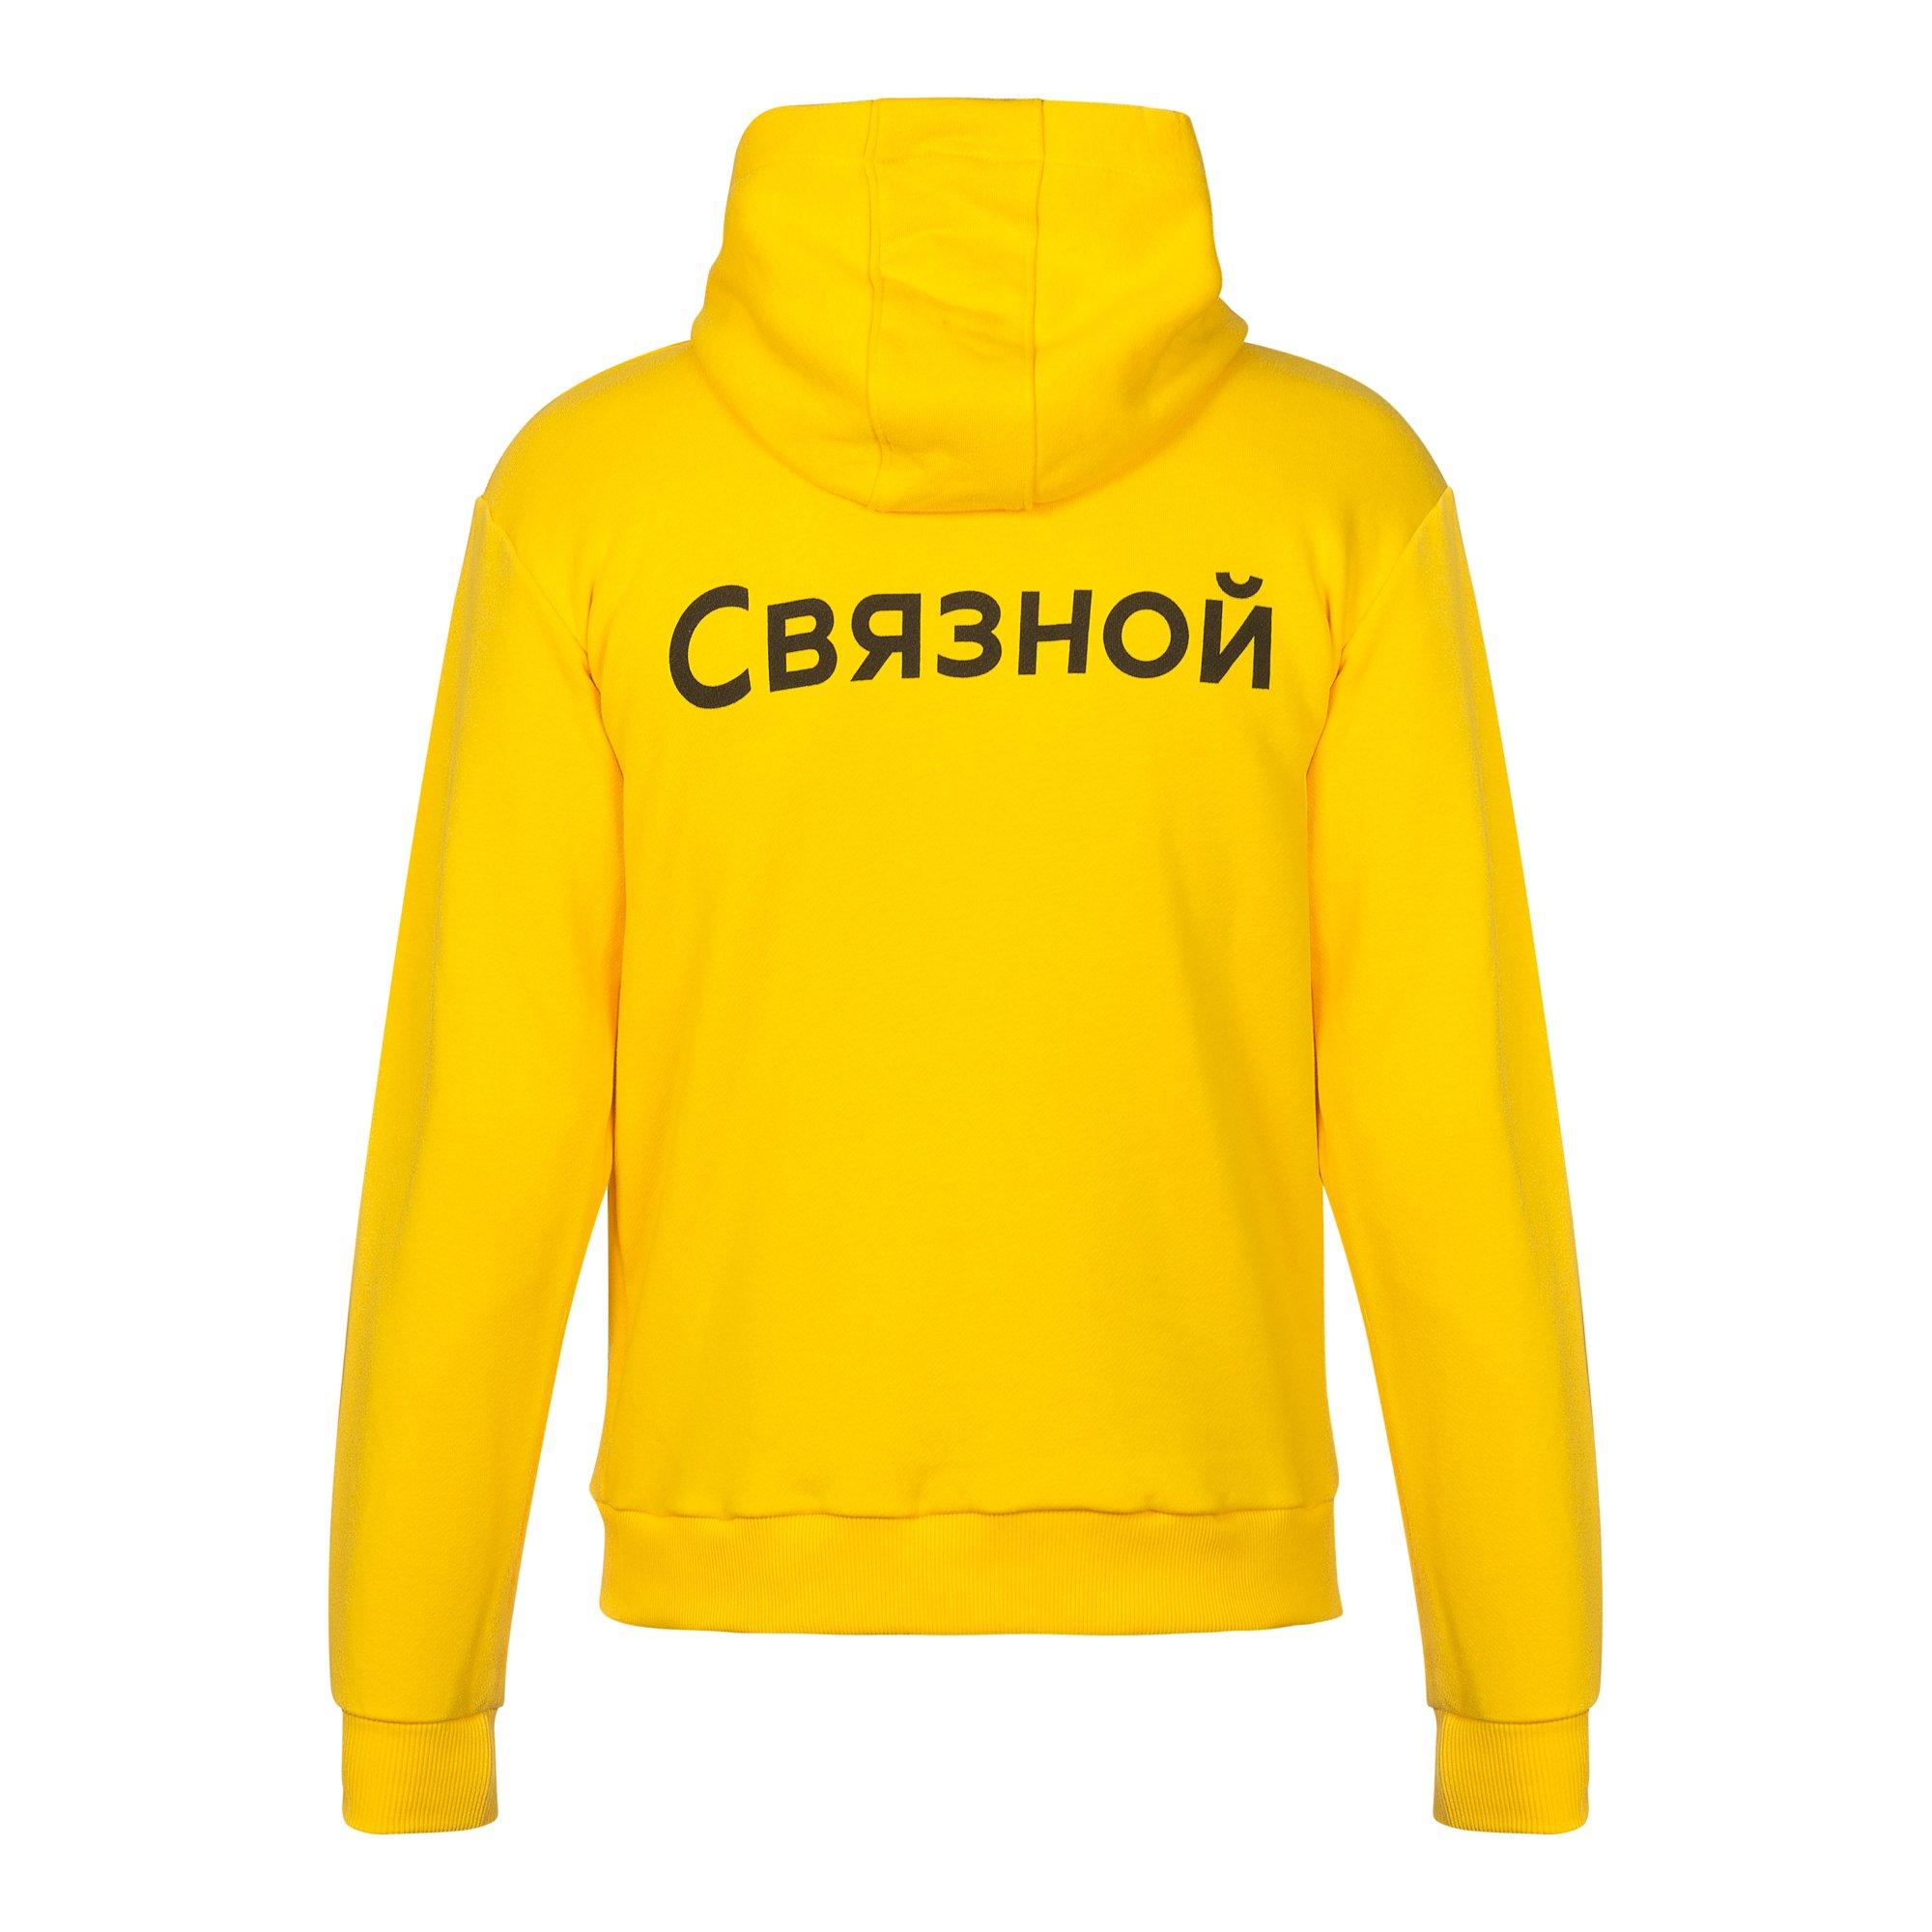 Печать фото и логотипов на толстовках и свитшотах в Москве   фото 2